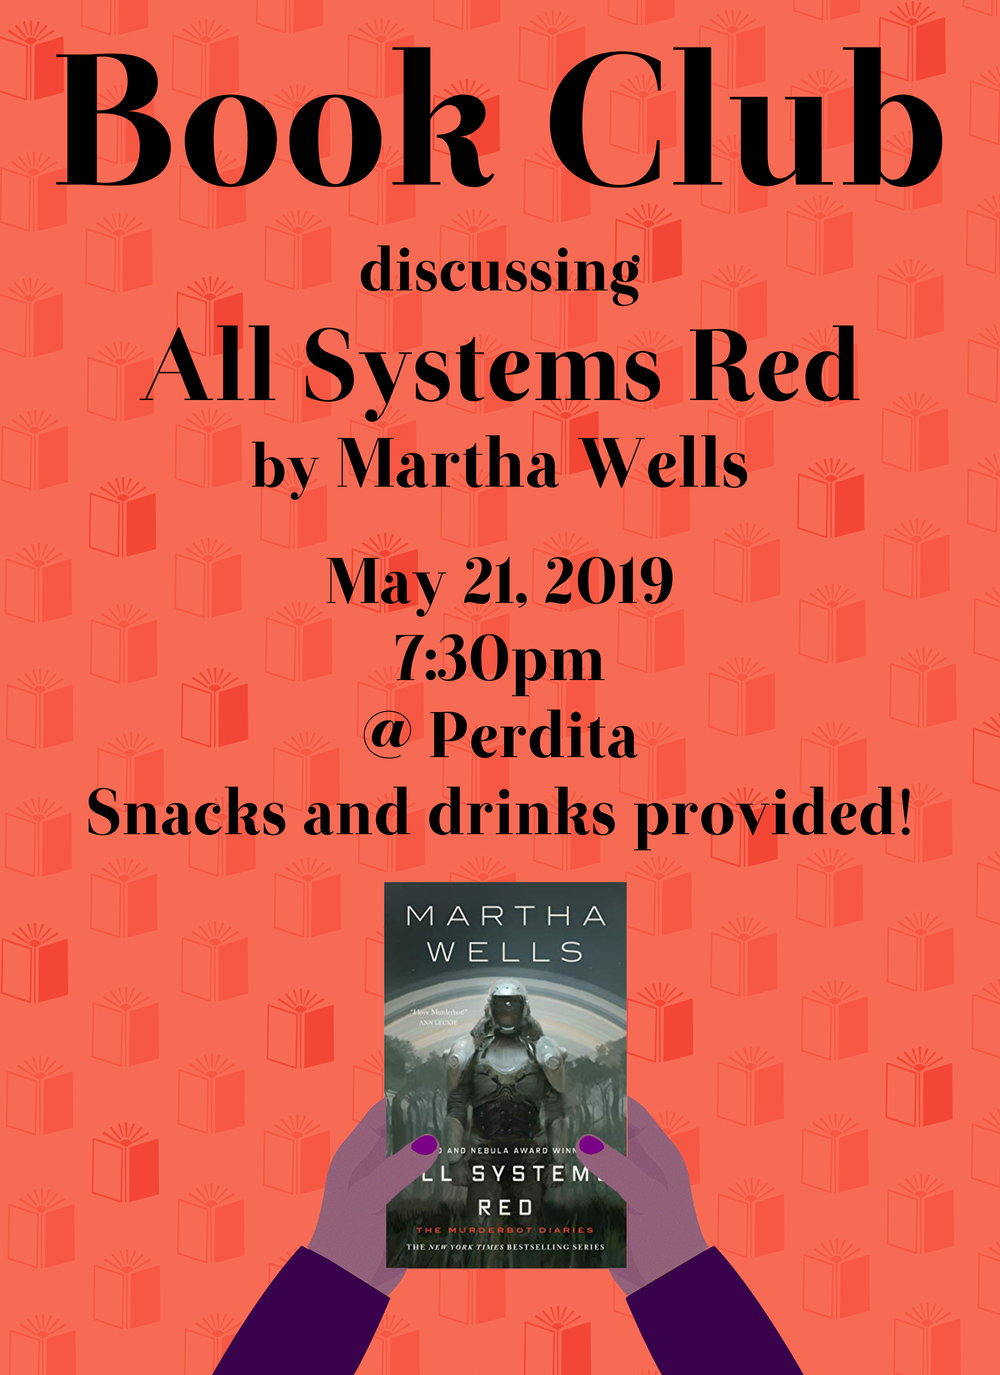 book club invite perdita all systems red.jpg